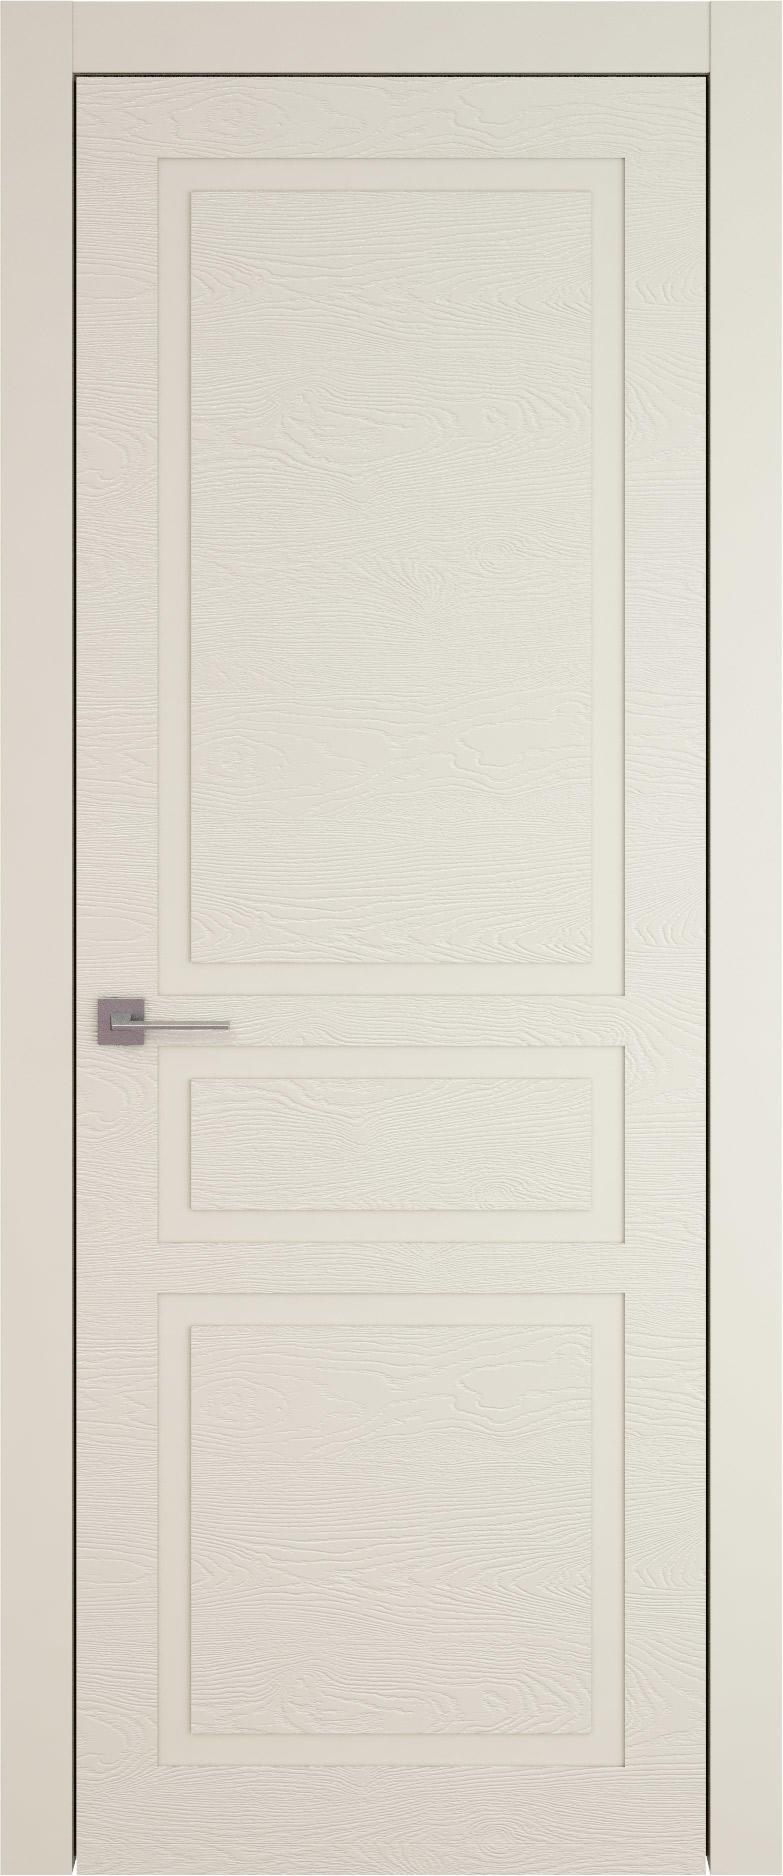 Tivoli Е-5 цвет - Жемчужная эмаль по шпону (RAL 1013) Без стекла (ДГ)